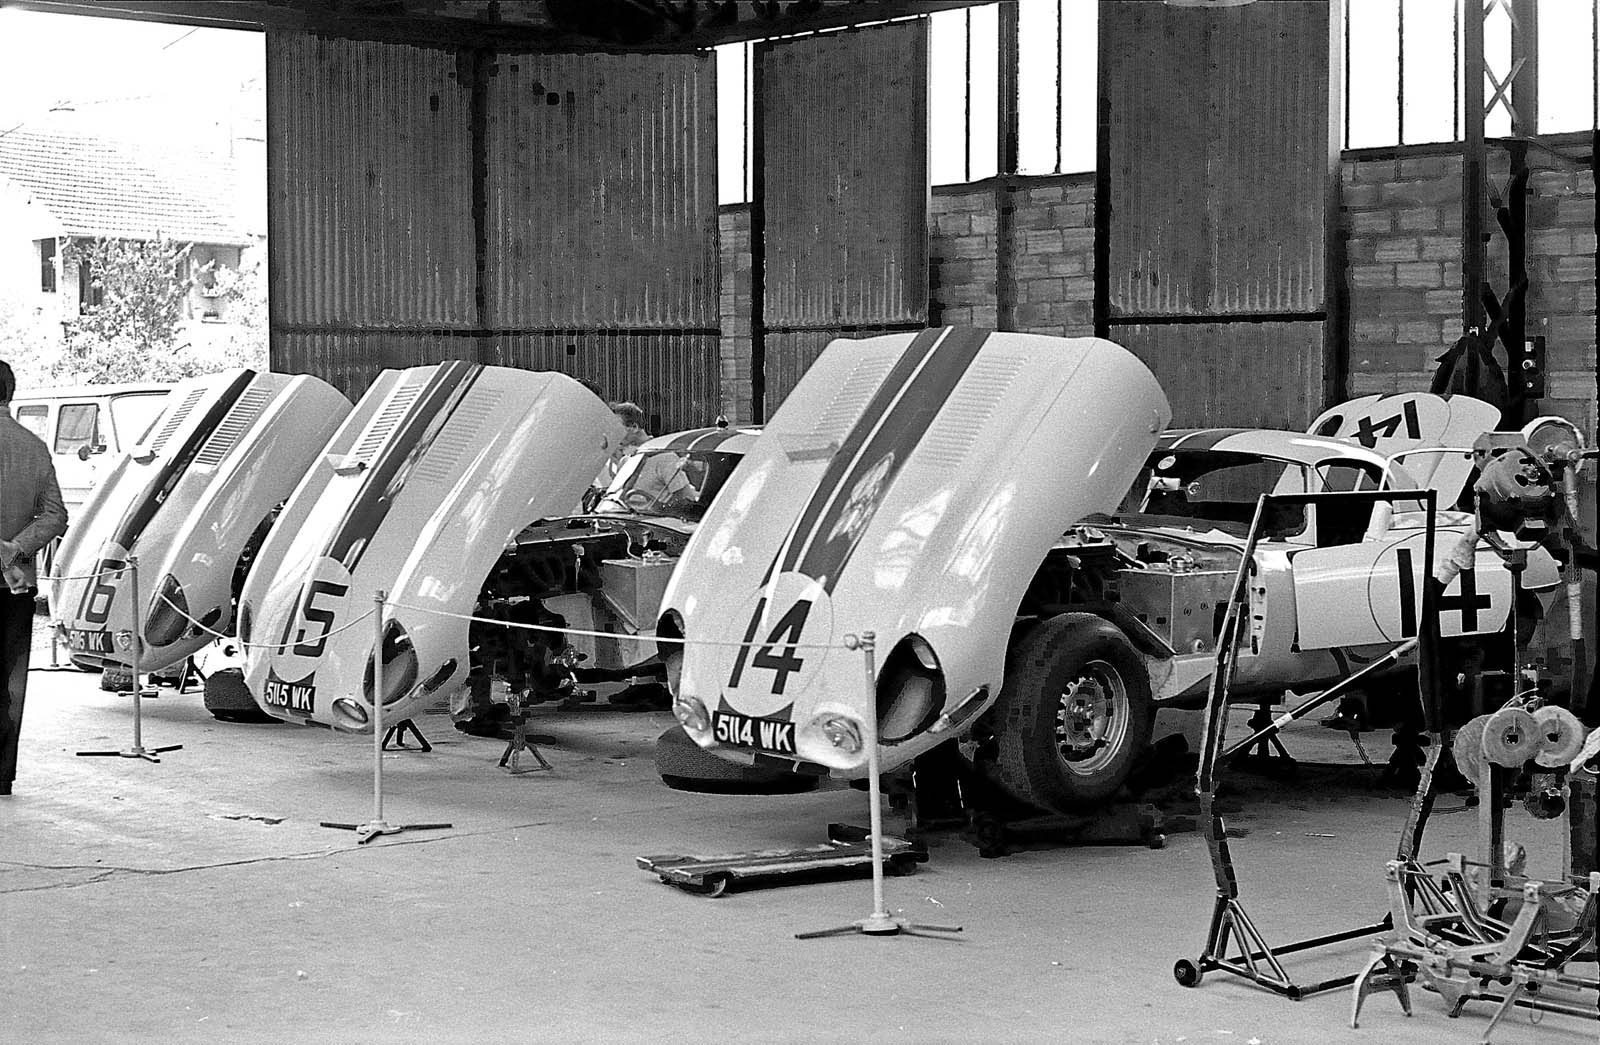 1963 Jaguar E-Type Lightweight #14 Cunningham 20 (2)